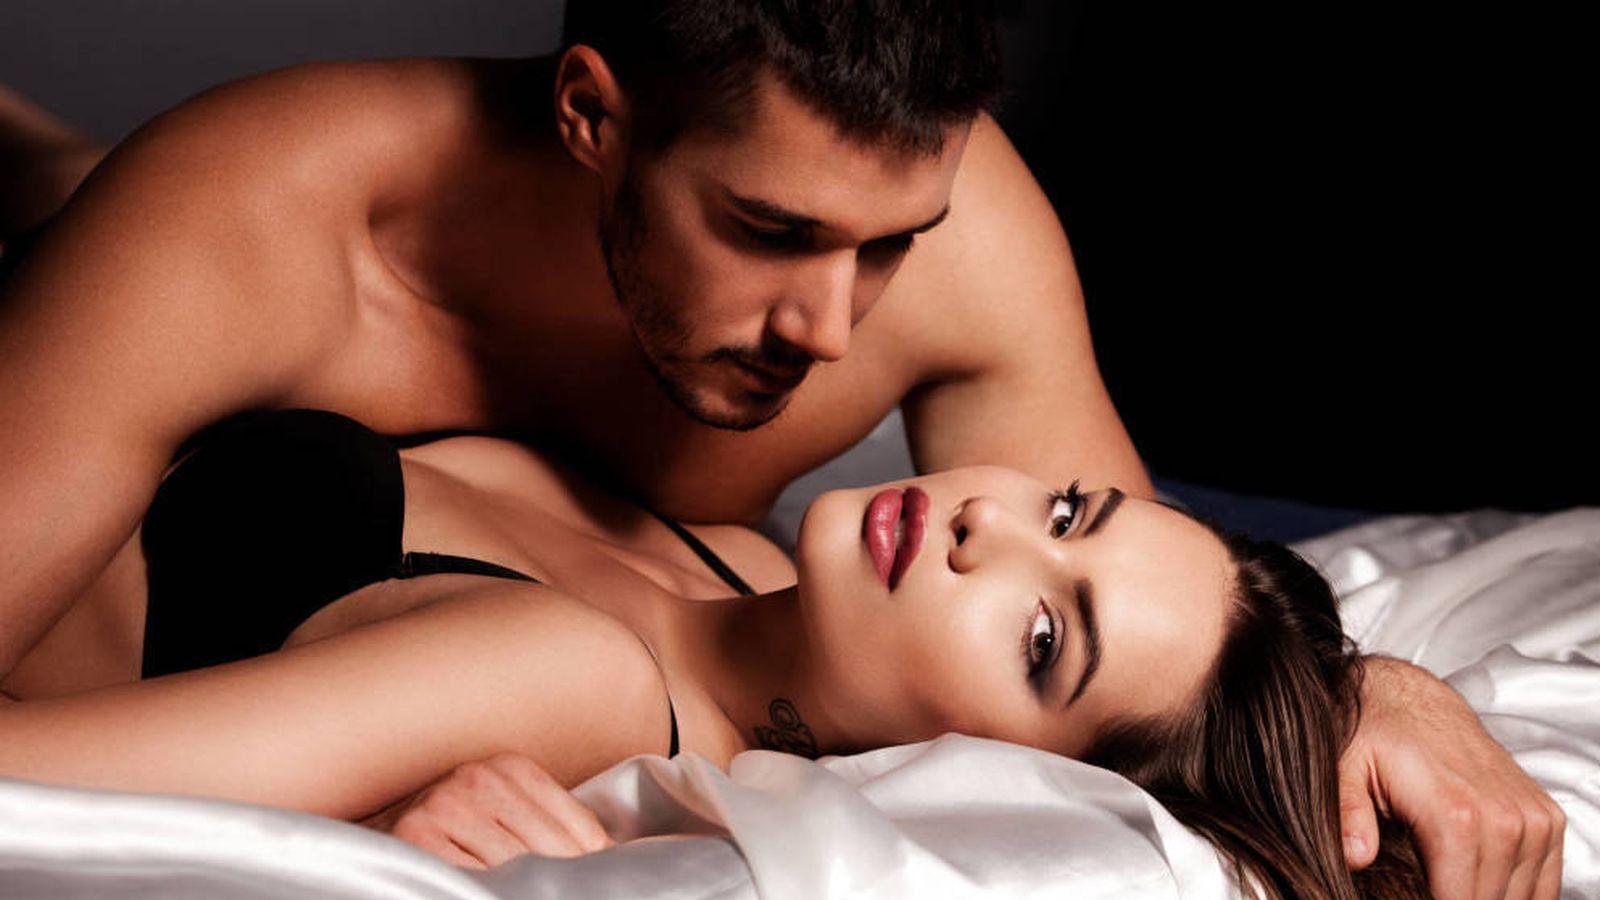 Muchos Chicos Una Chica Porno sexo: la guía de la mujer para el sexo casual: se nos